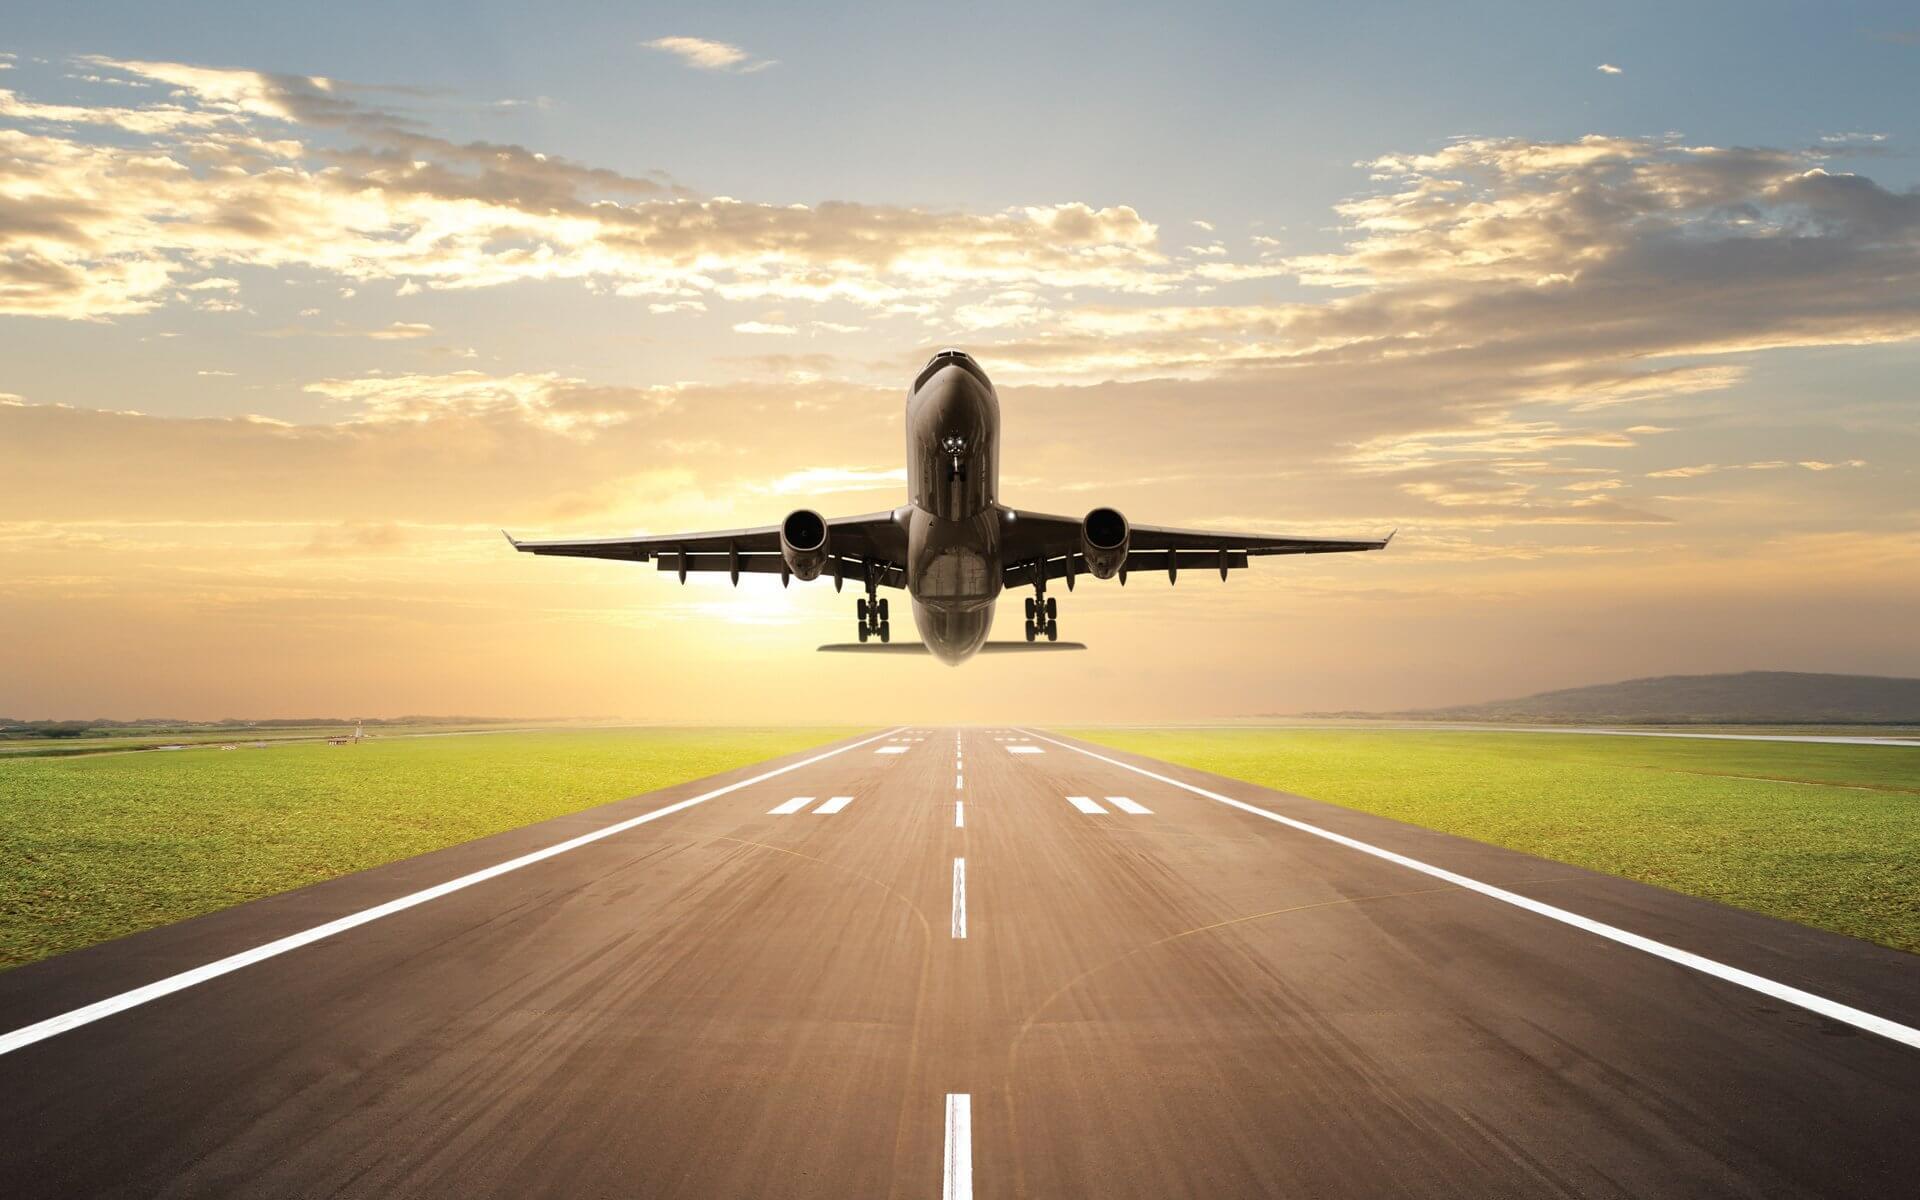 Авиабилет в один конец: интересный формат путешествий